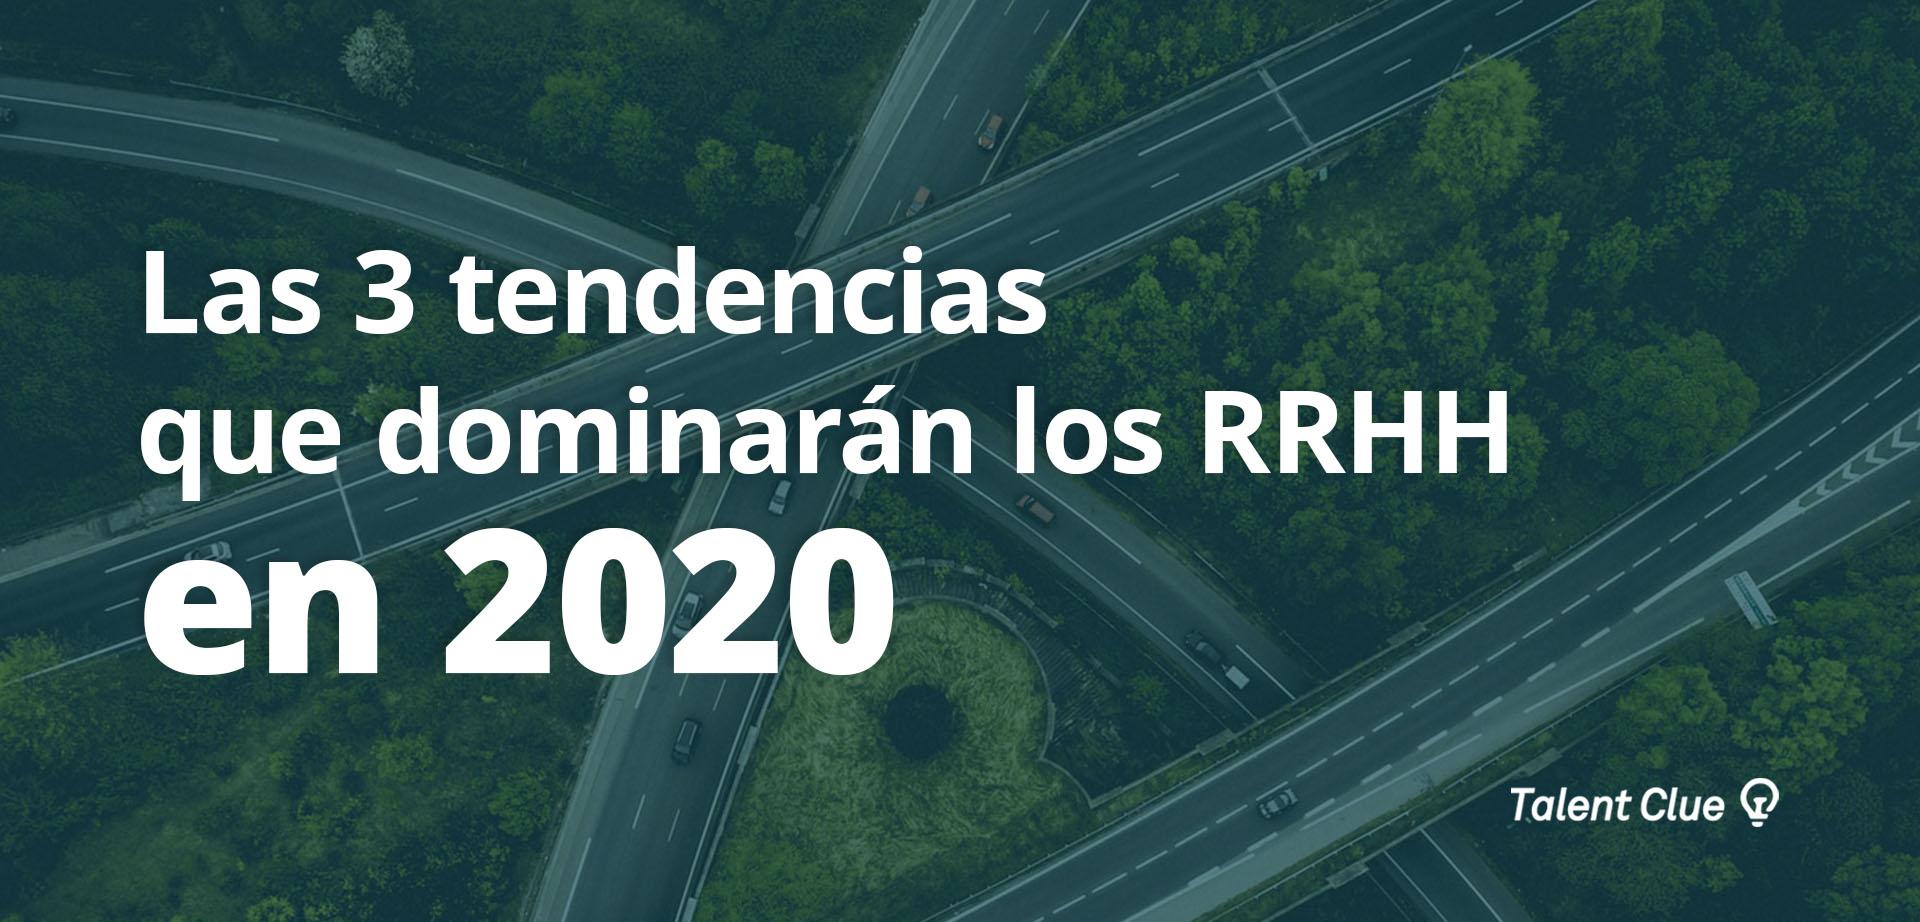 Las 3 tendencias que dominarán los RRHH en 2020 🚀